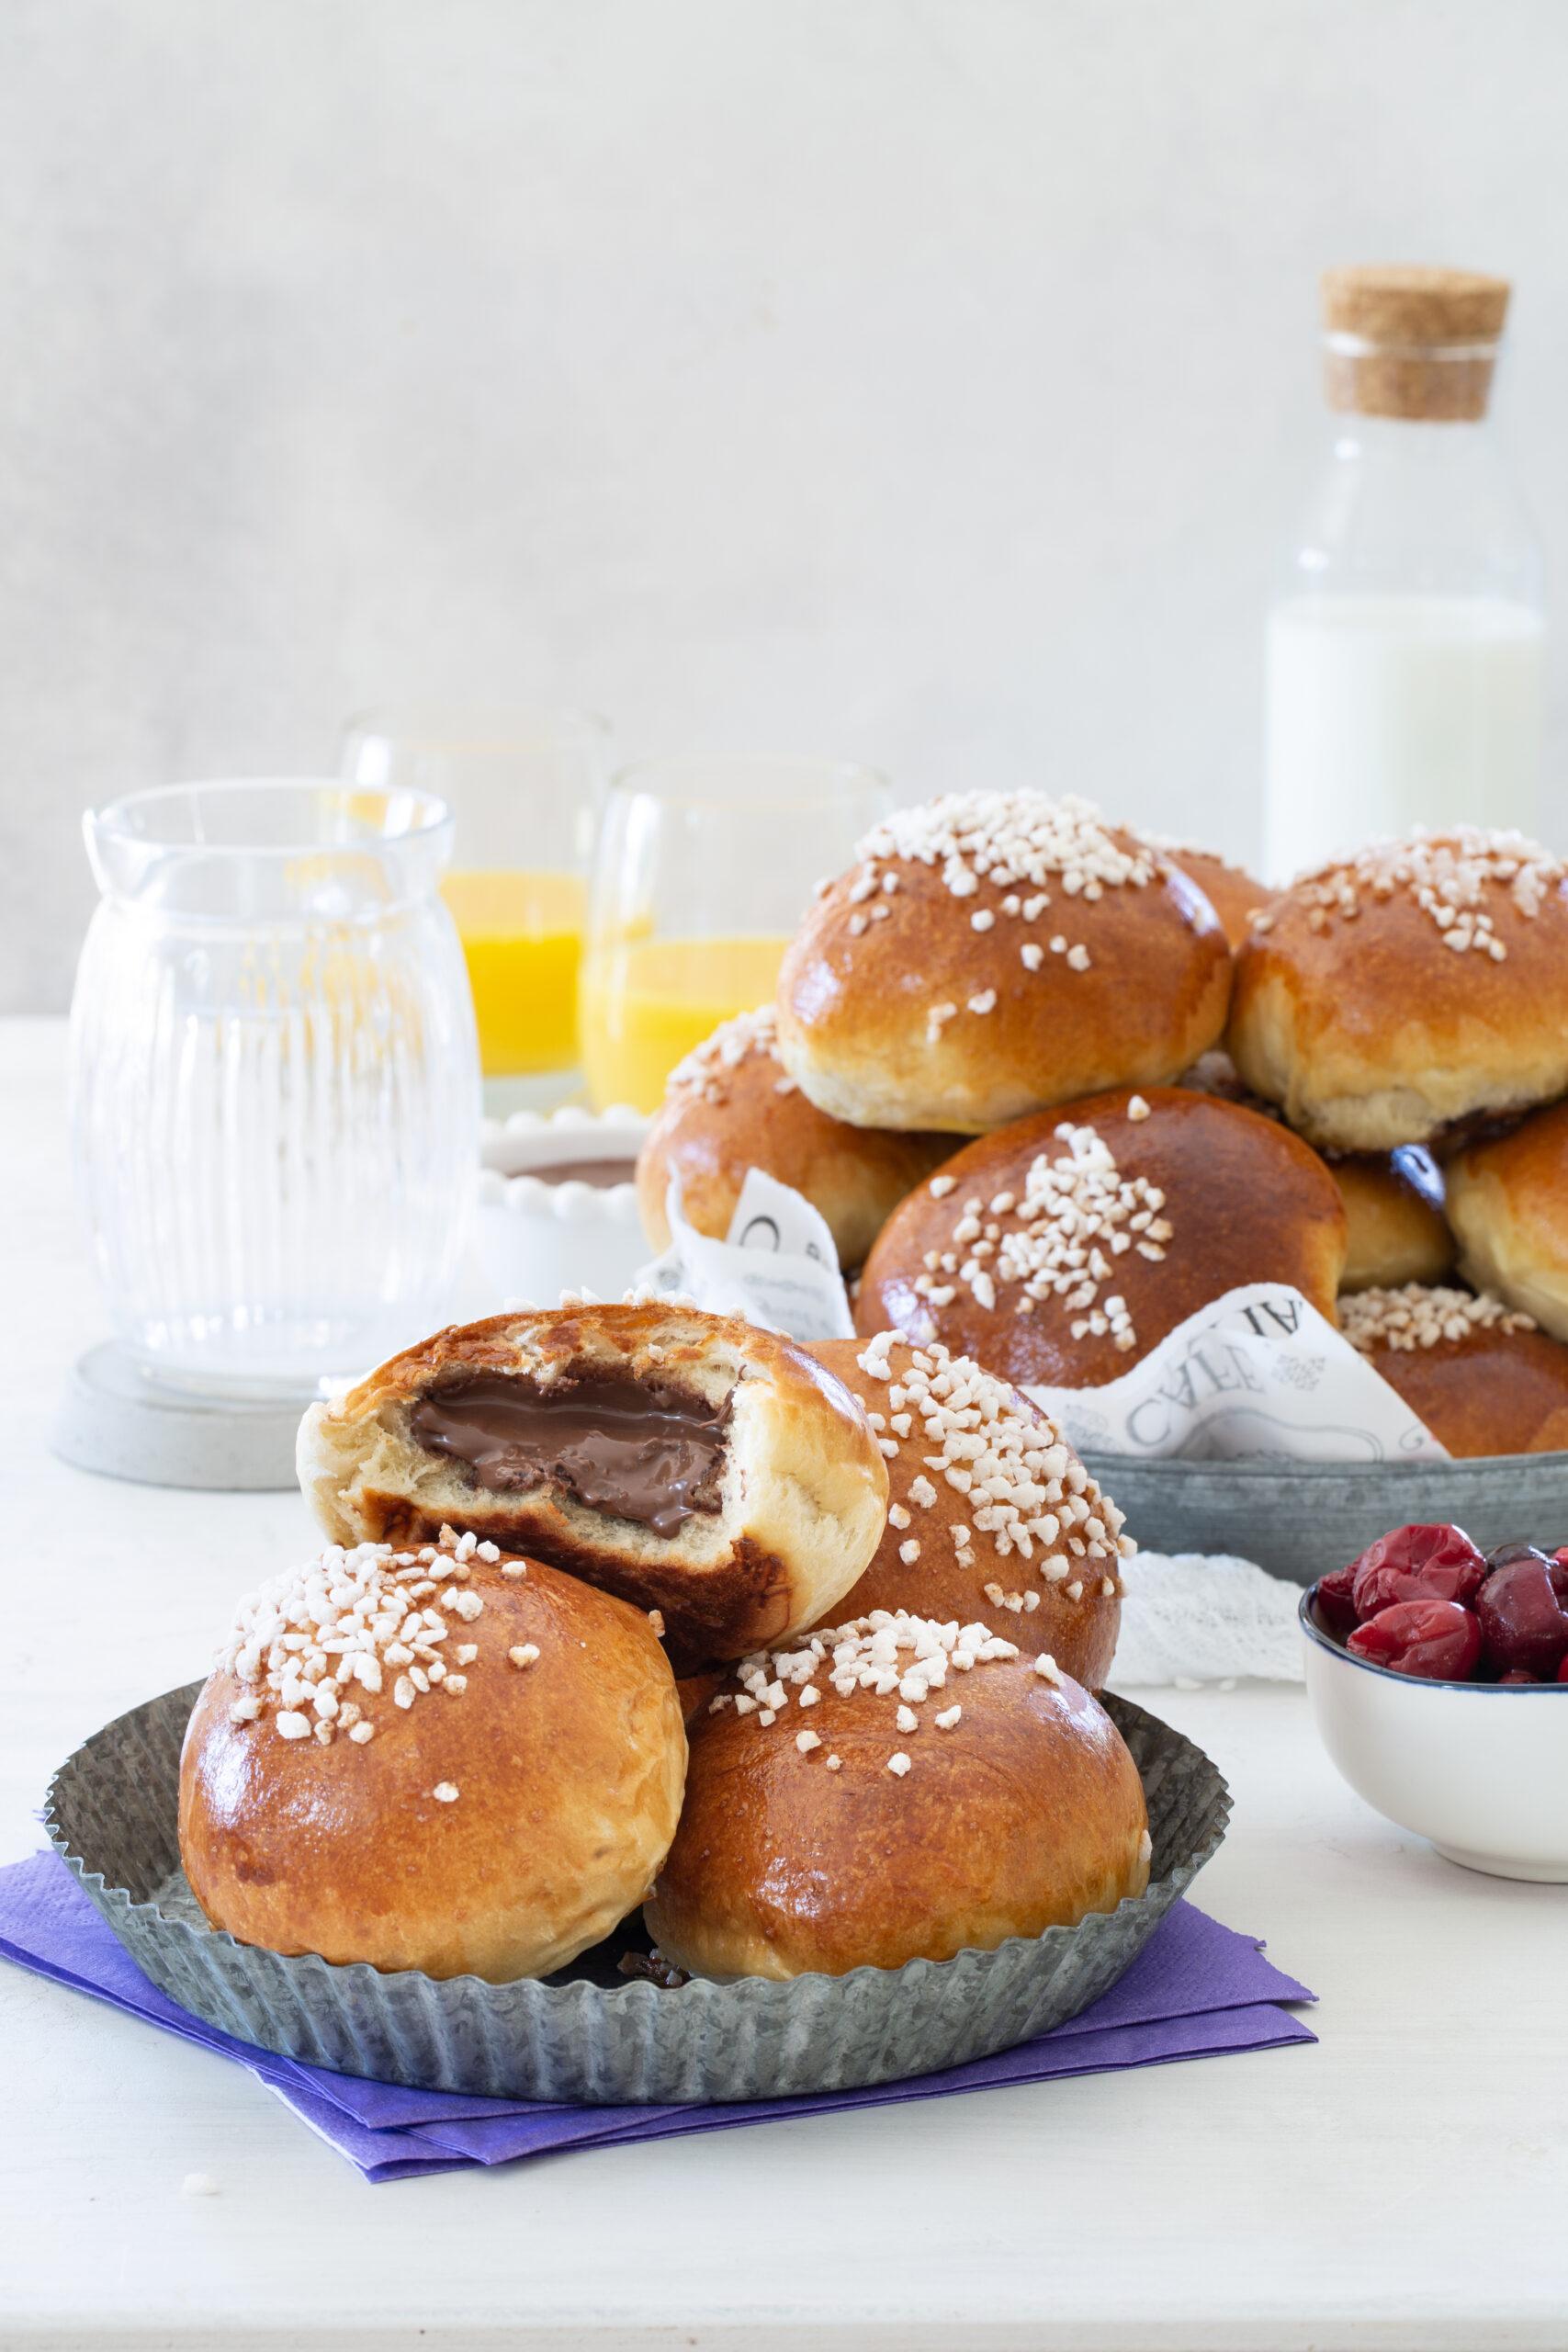 לחמניות רכות ואווריריות במילוי שוקולד